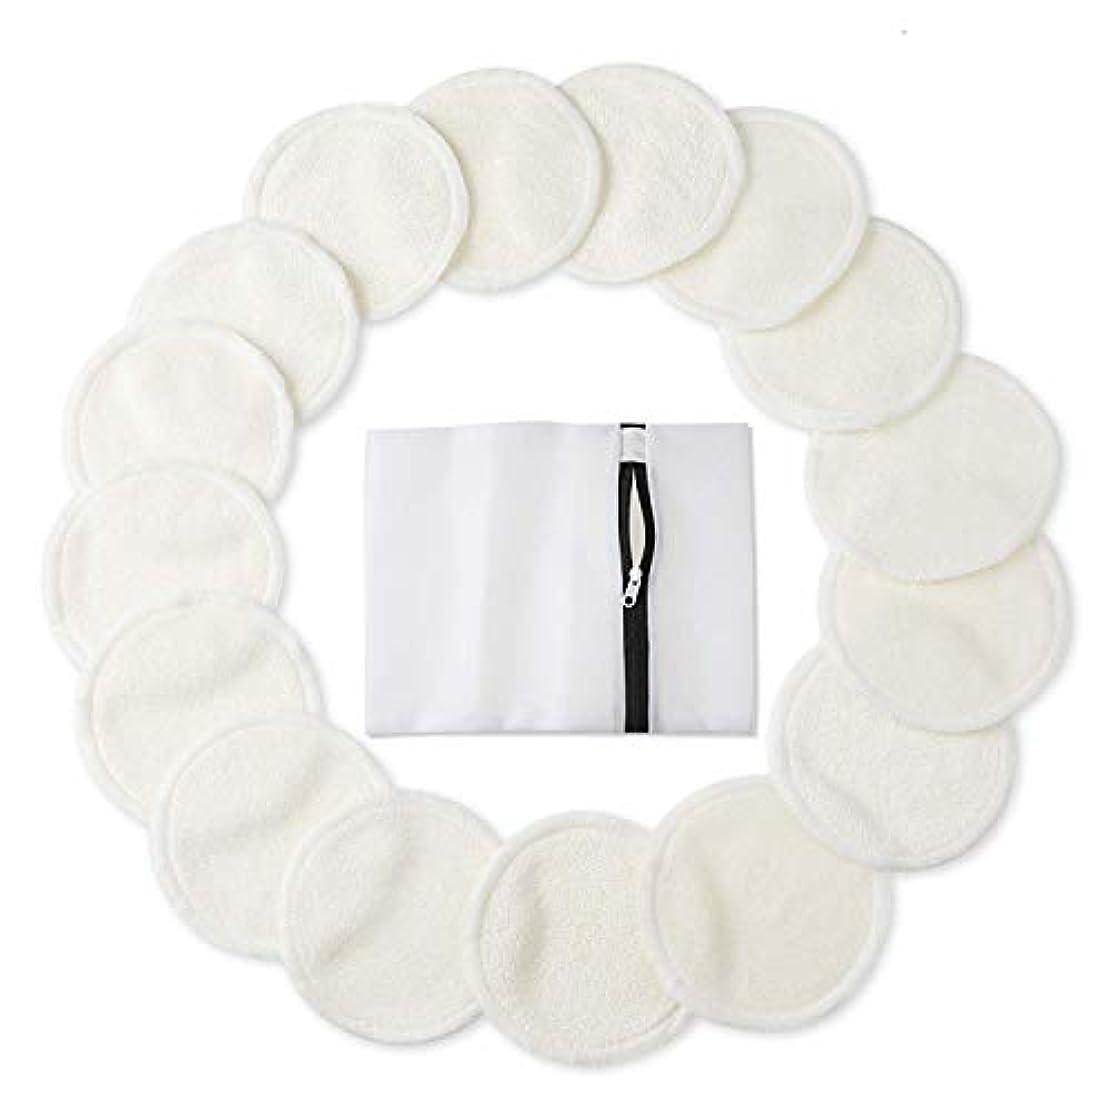 必要ないおしゃれじゃないキャリアPhogary 竹 メイクアップリムーバーパッドアイメイク削除顔用ランドリーバッグ洗える洗顔布で再利用可能な有機竹コットンラウンドワイプ3.15 2層